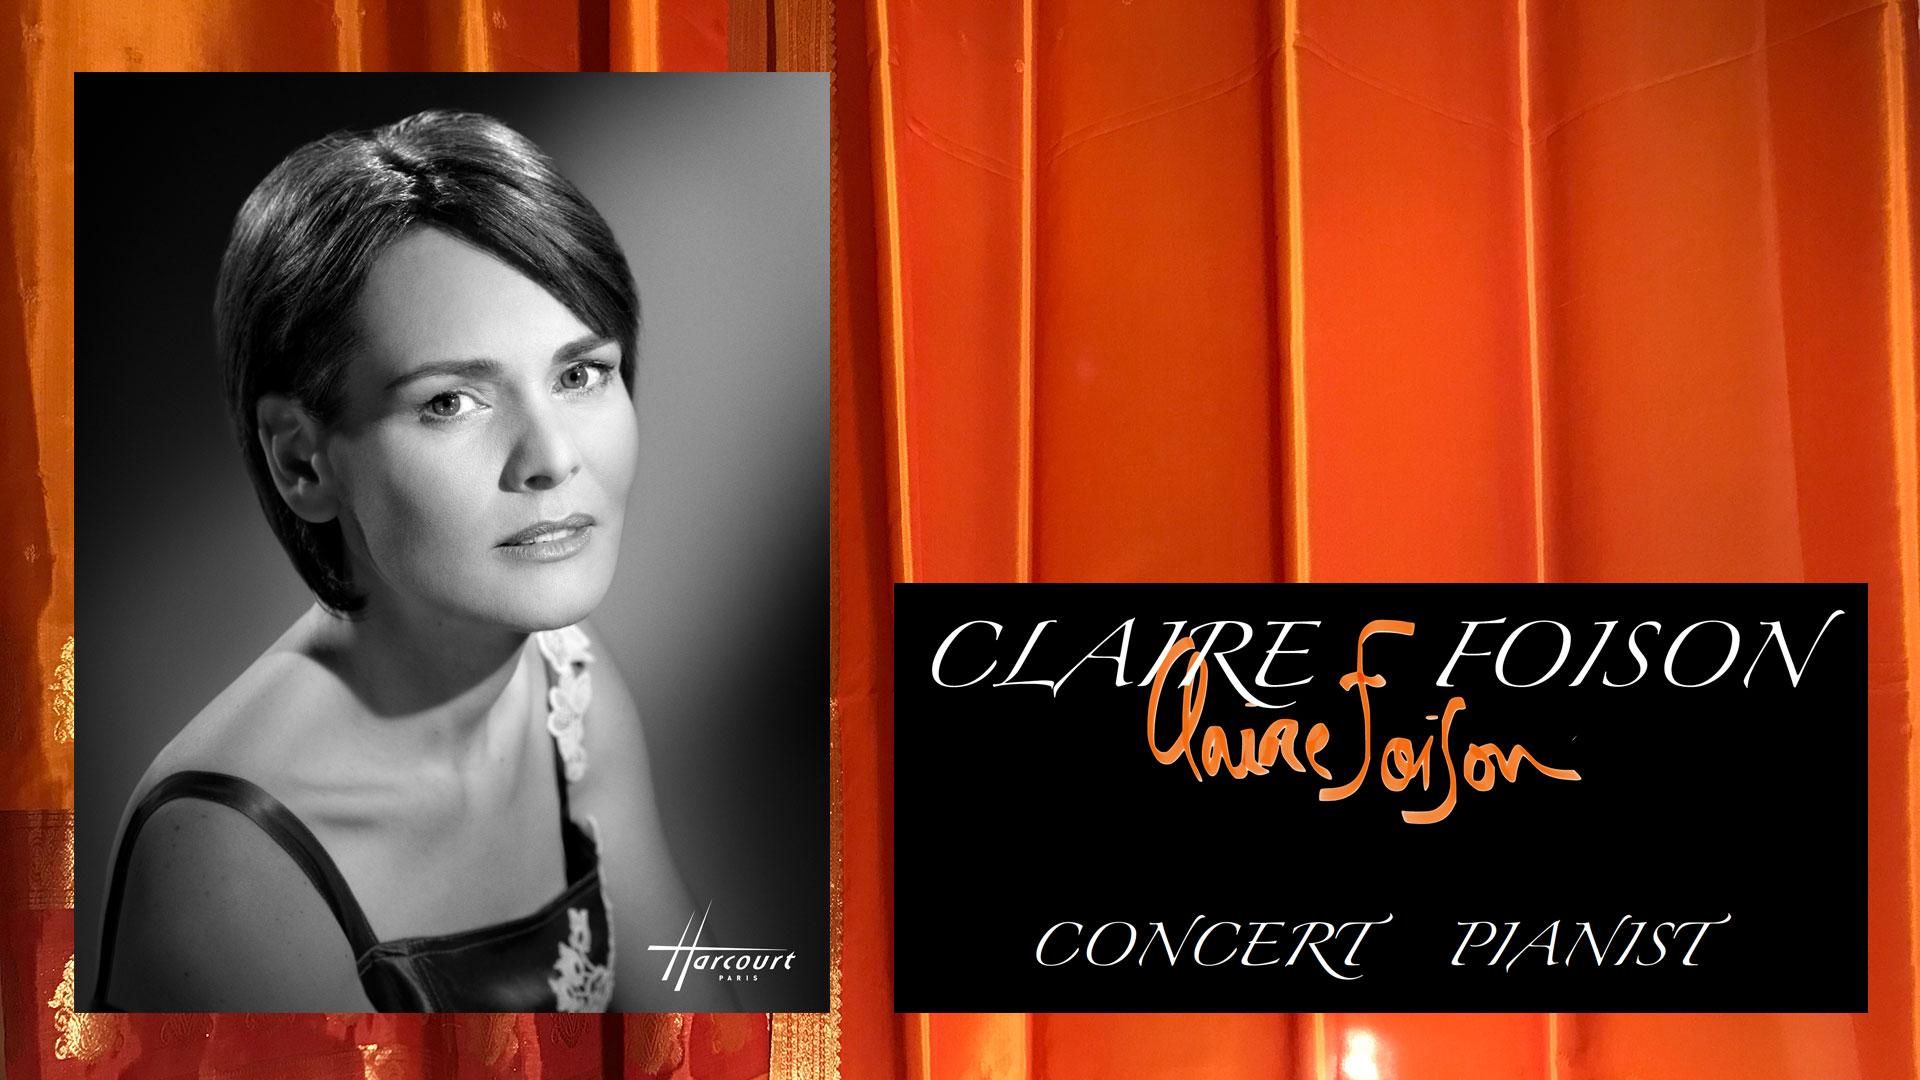 Claire Foison